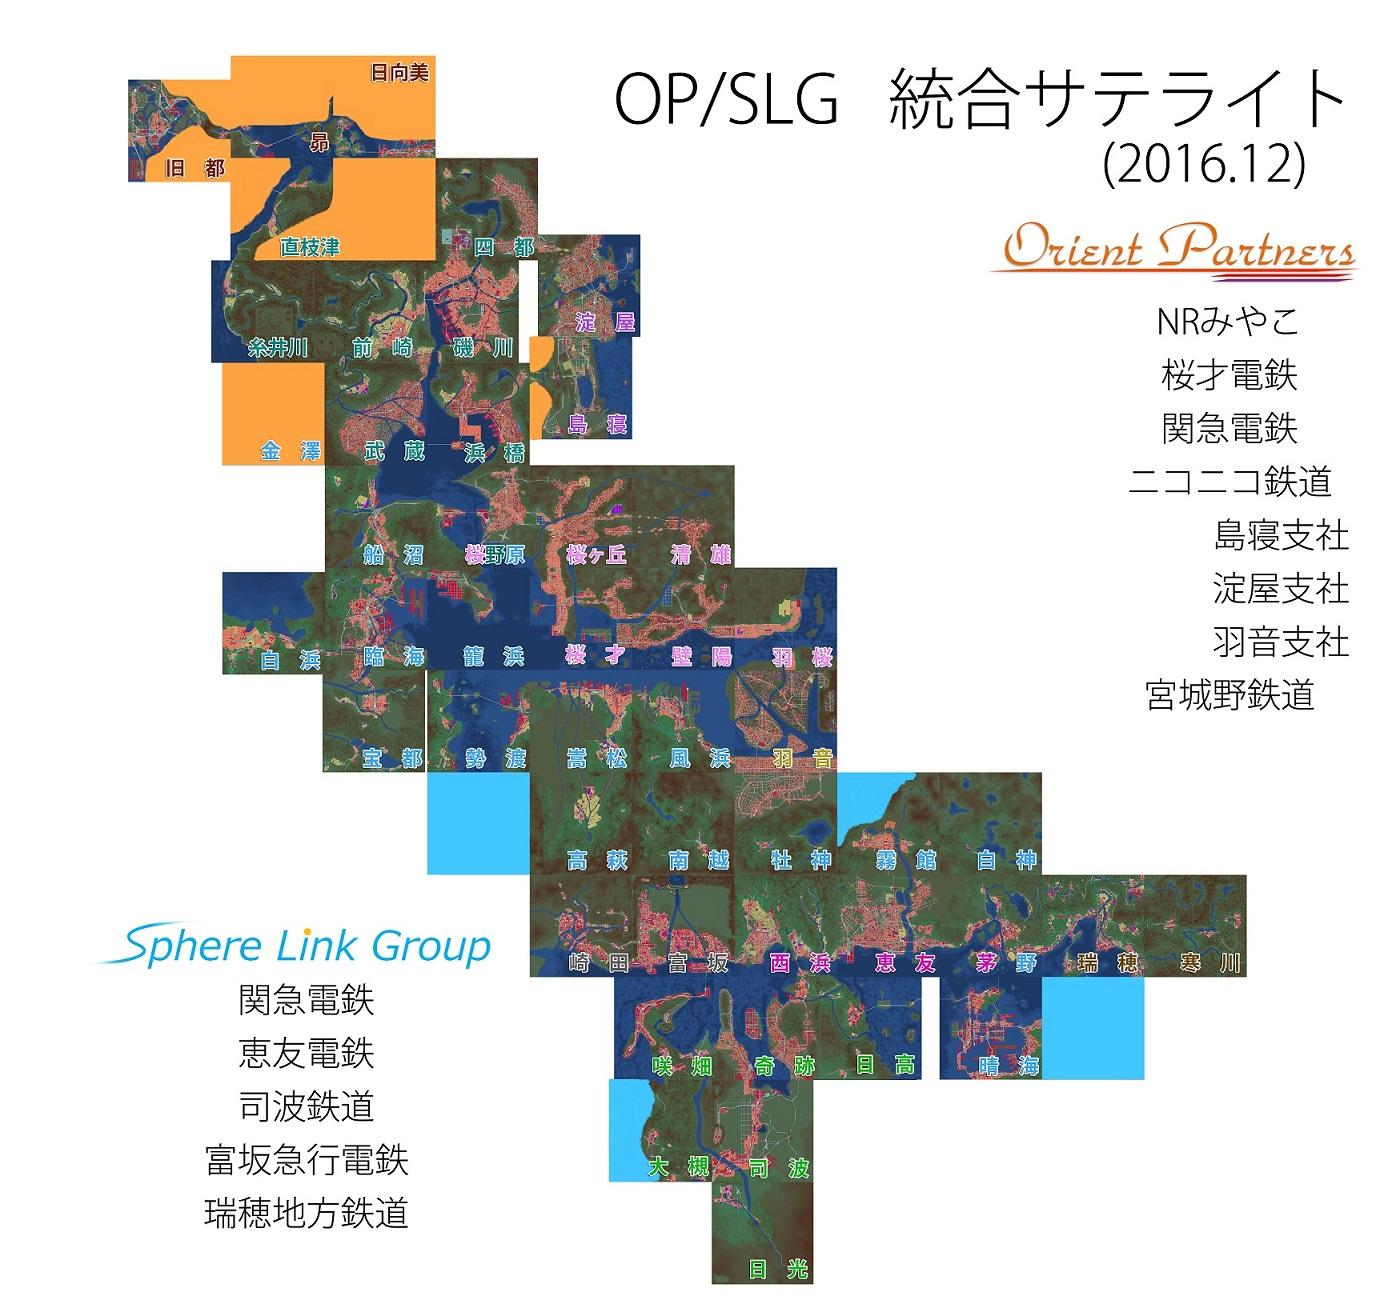 北オリパスフィア広域サテライト (2016-12)_0.jpg